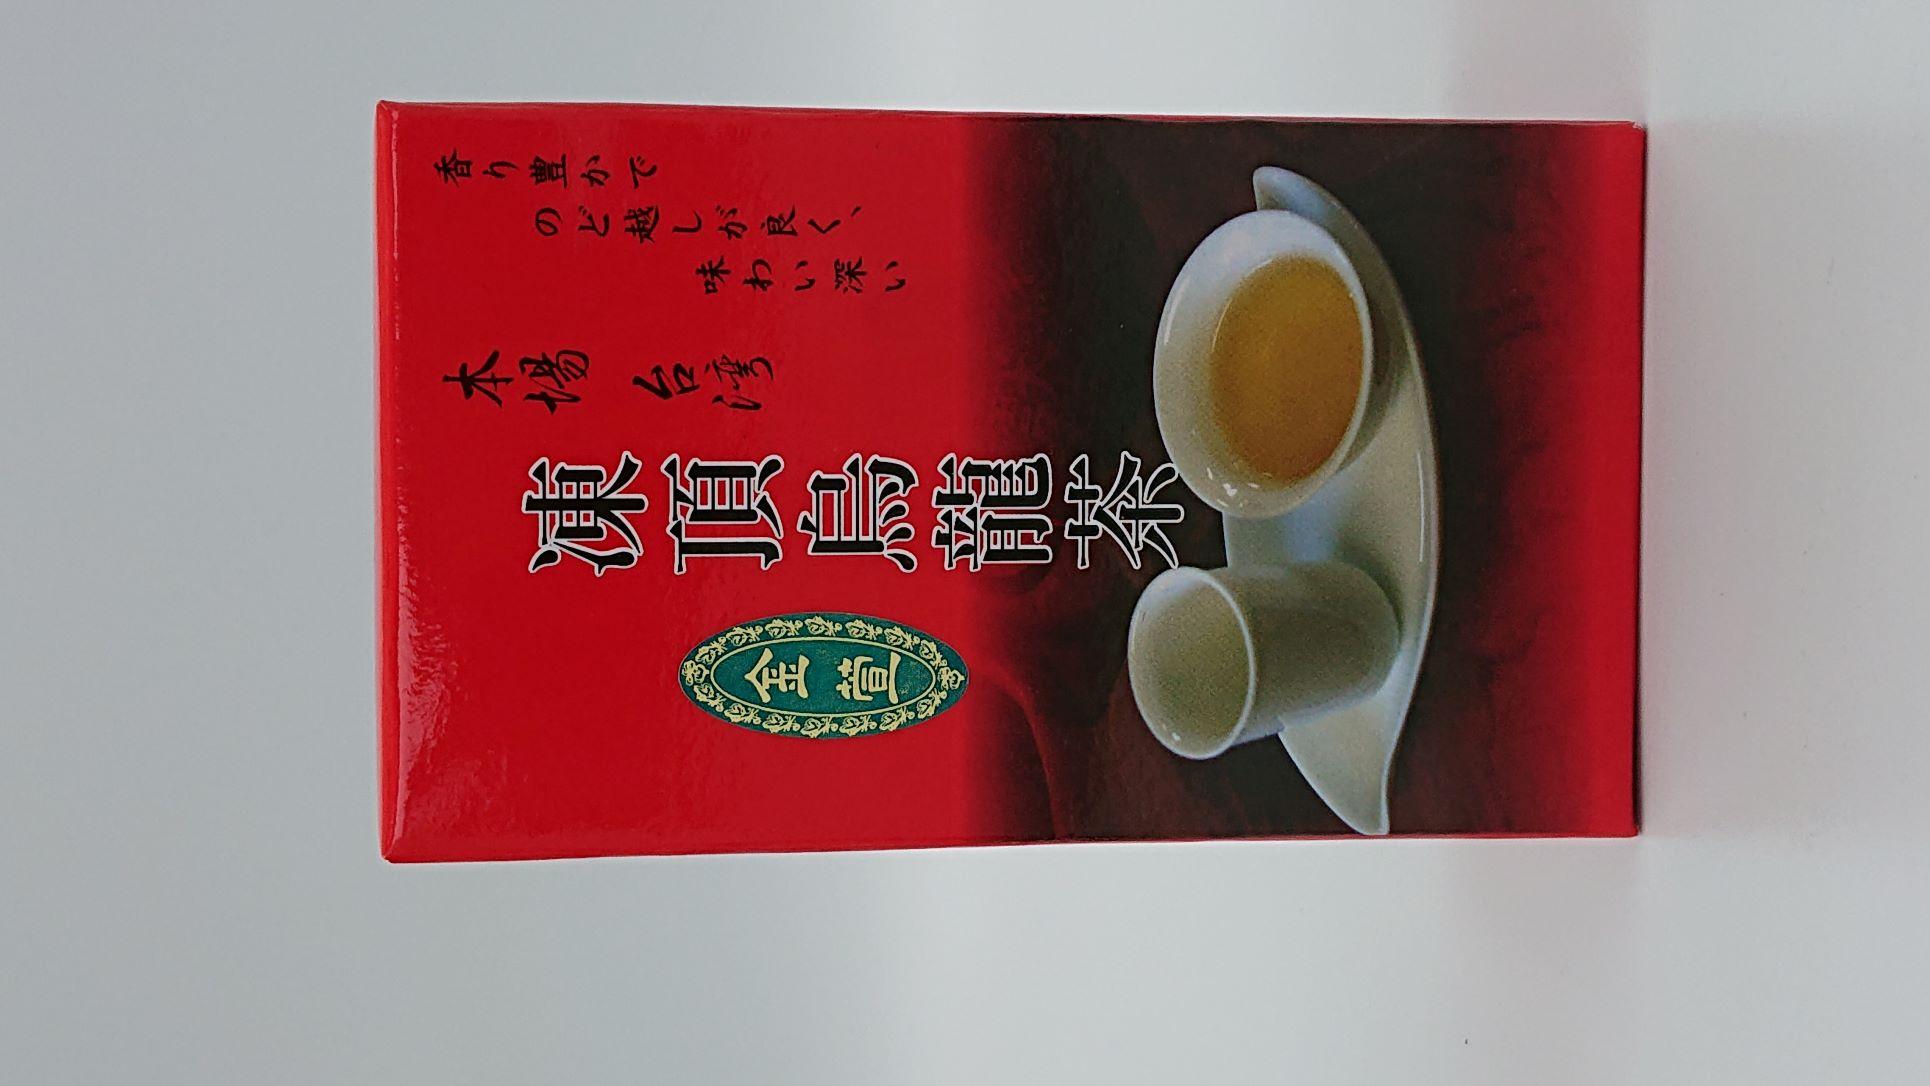 金萓凍頂烏龍茶 100g